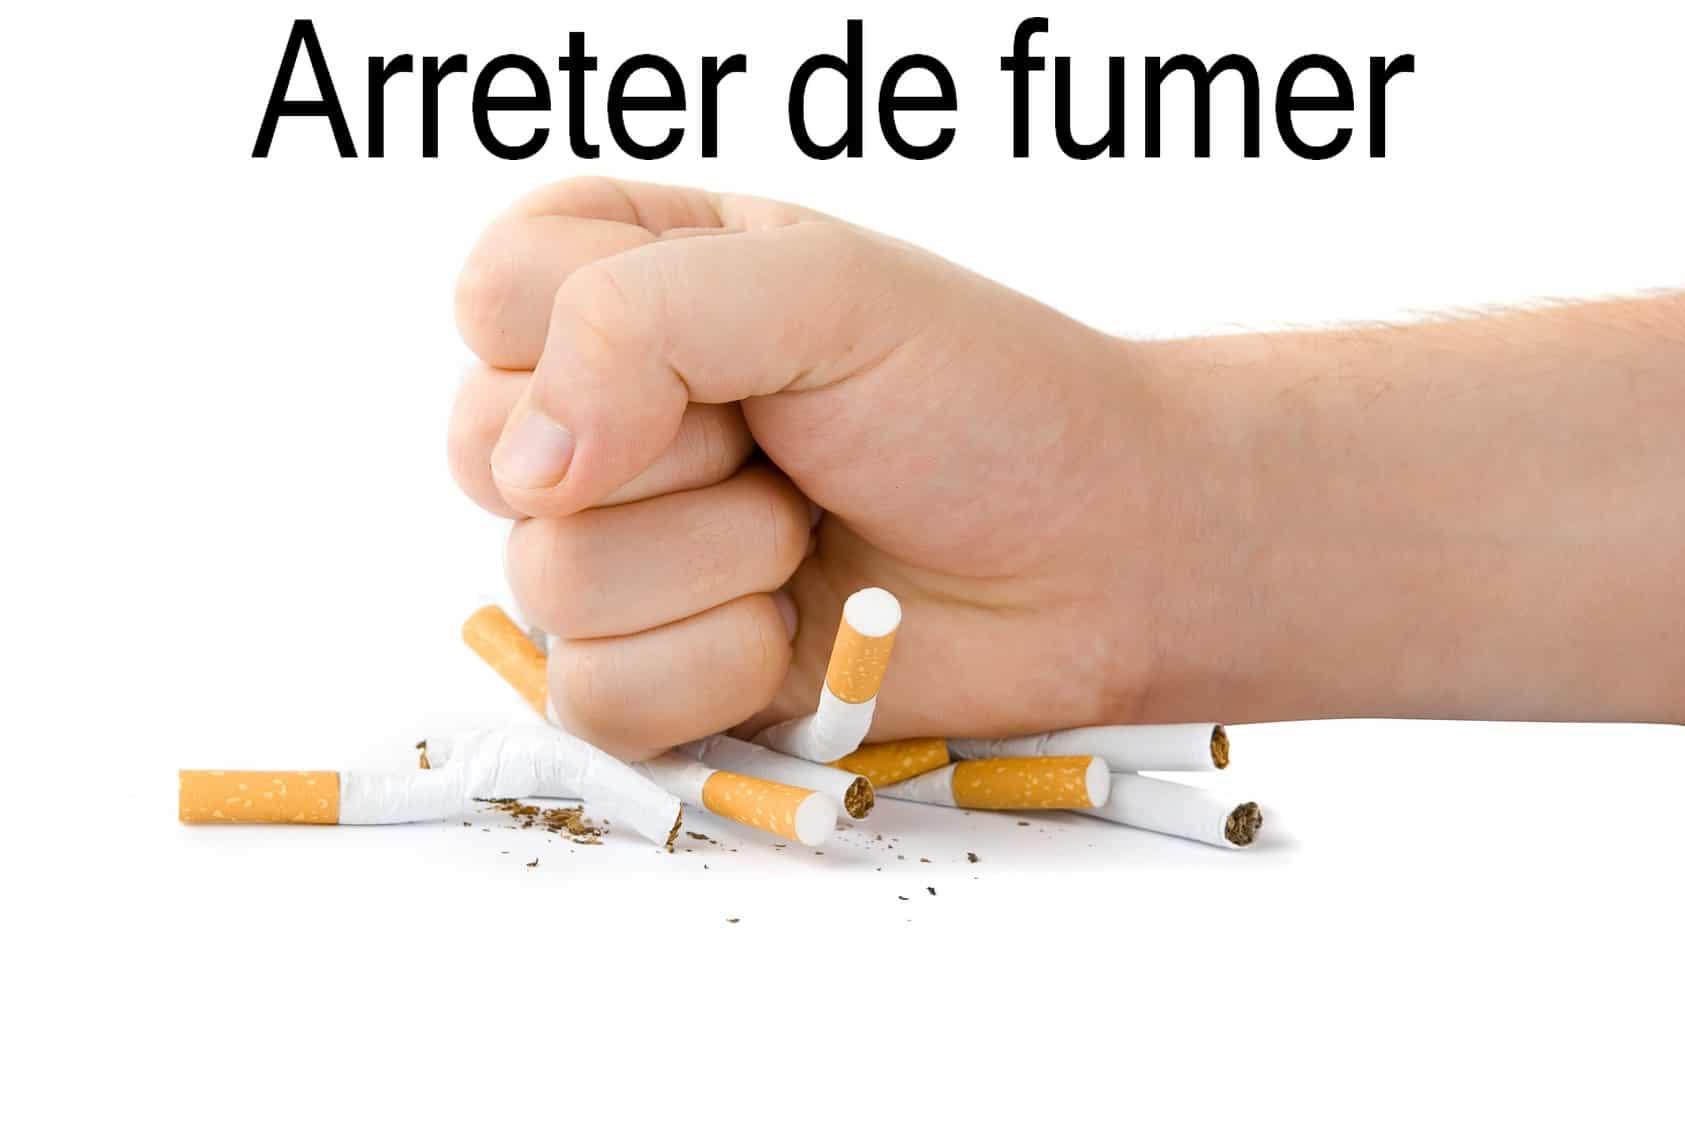 arreter de fumer - Comment arrêter de fumer avec la cigarette électronique ?